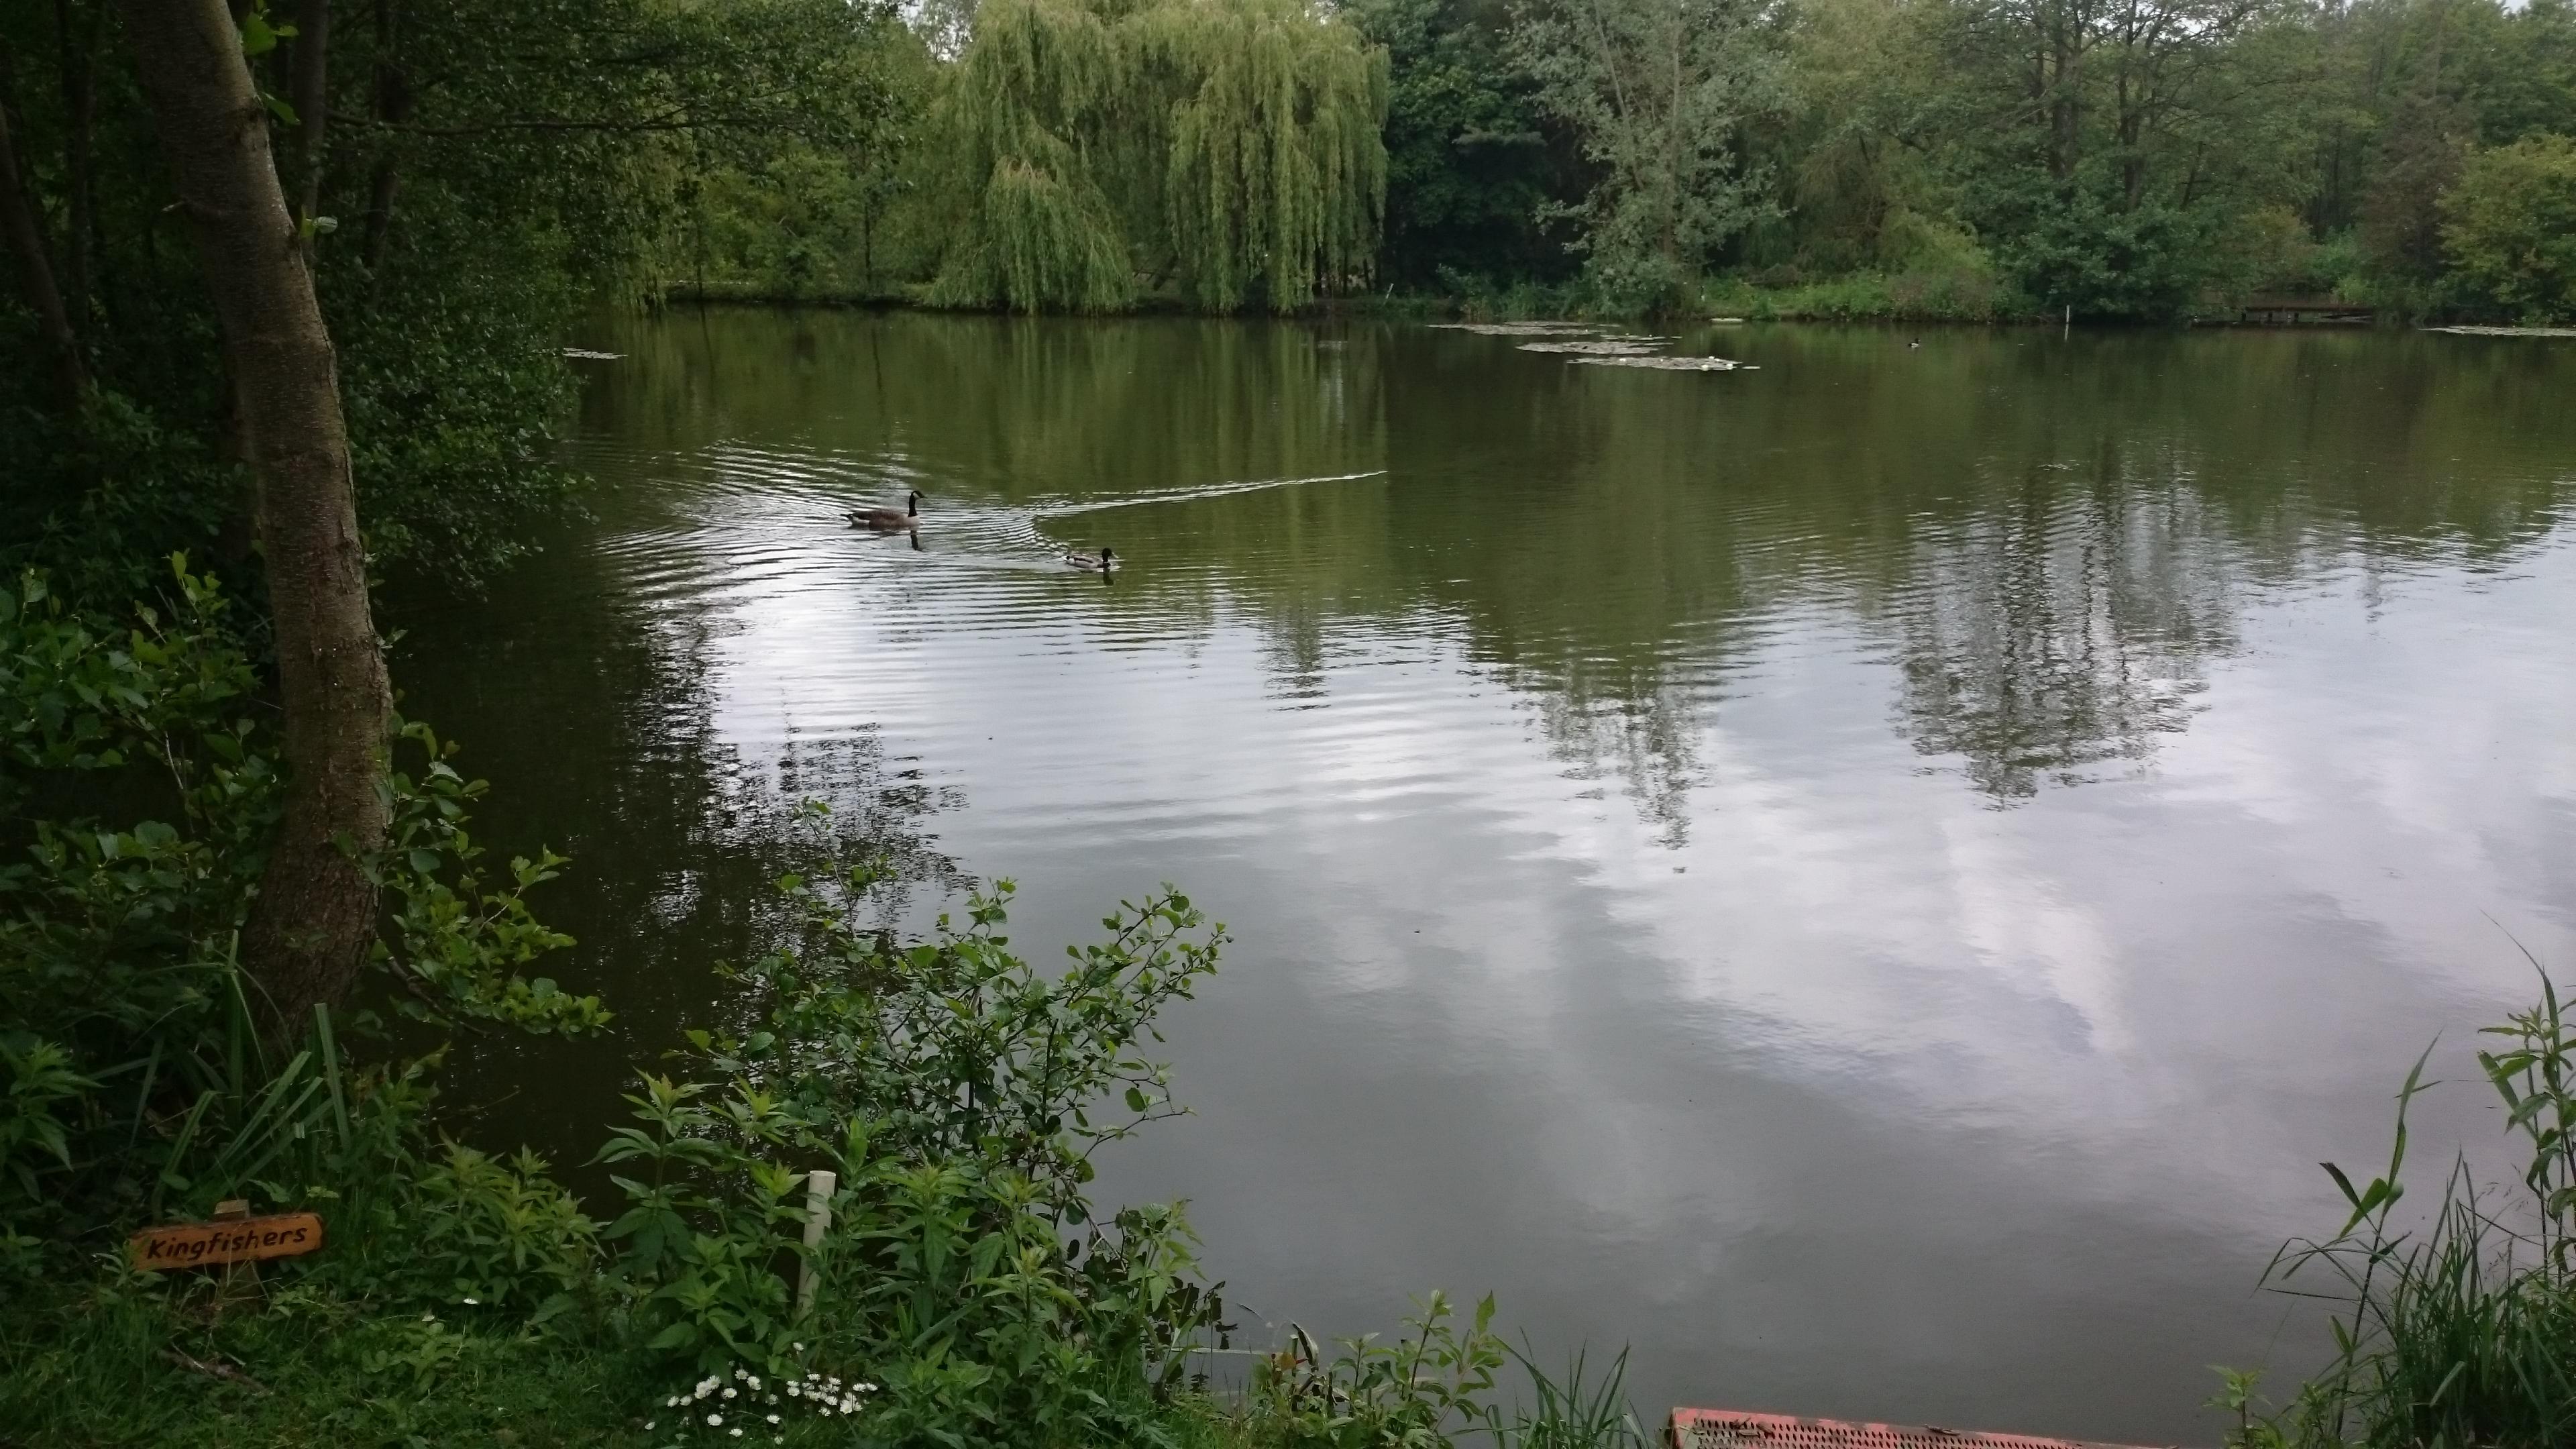 18. Kingfishers